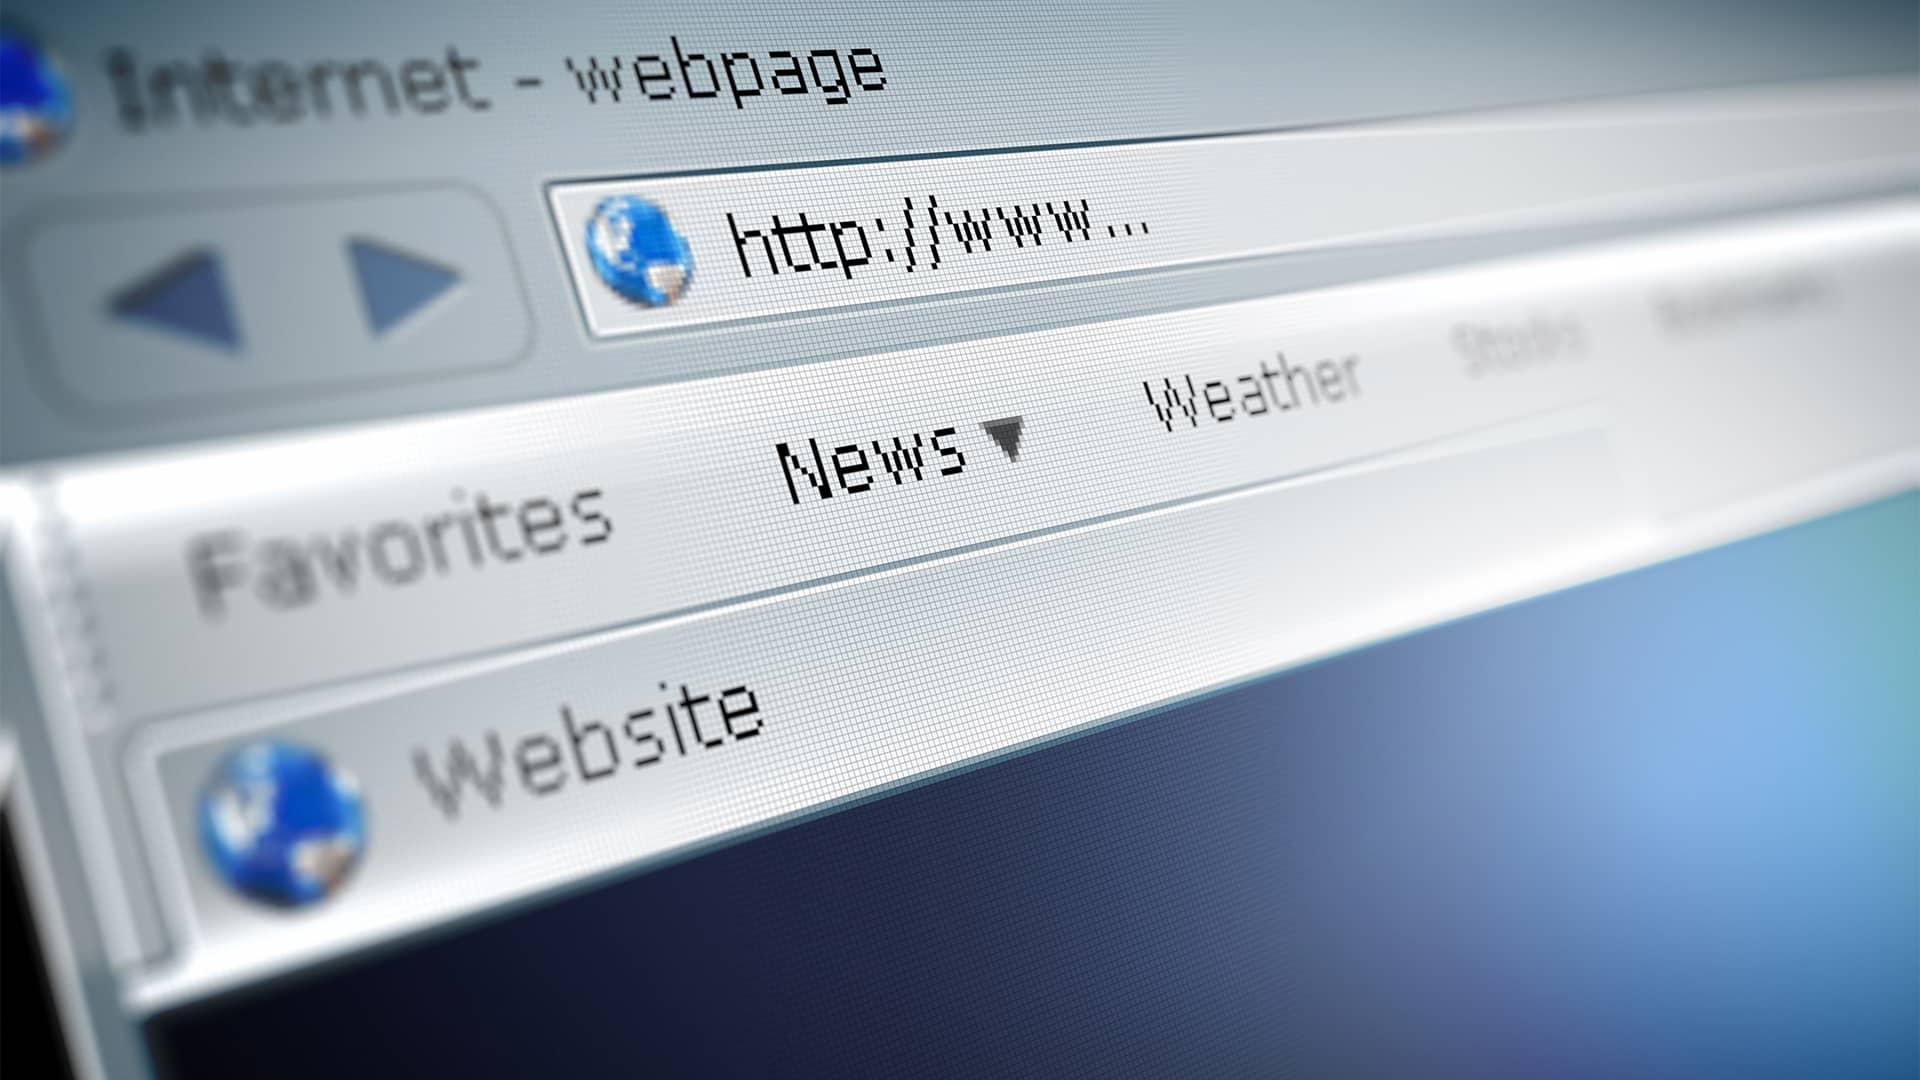 Mejores navegadores de internet: características y opiniones